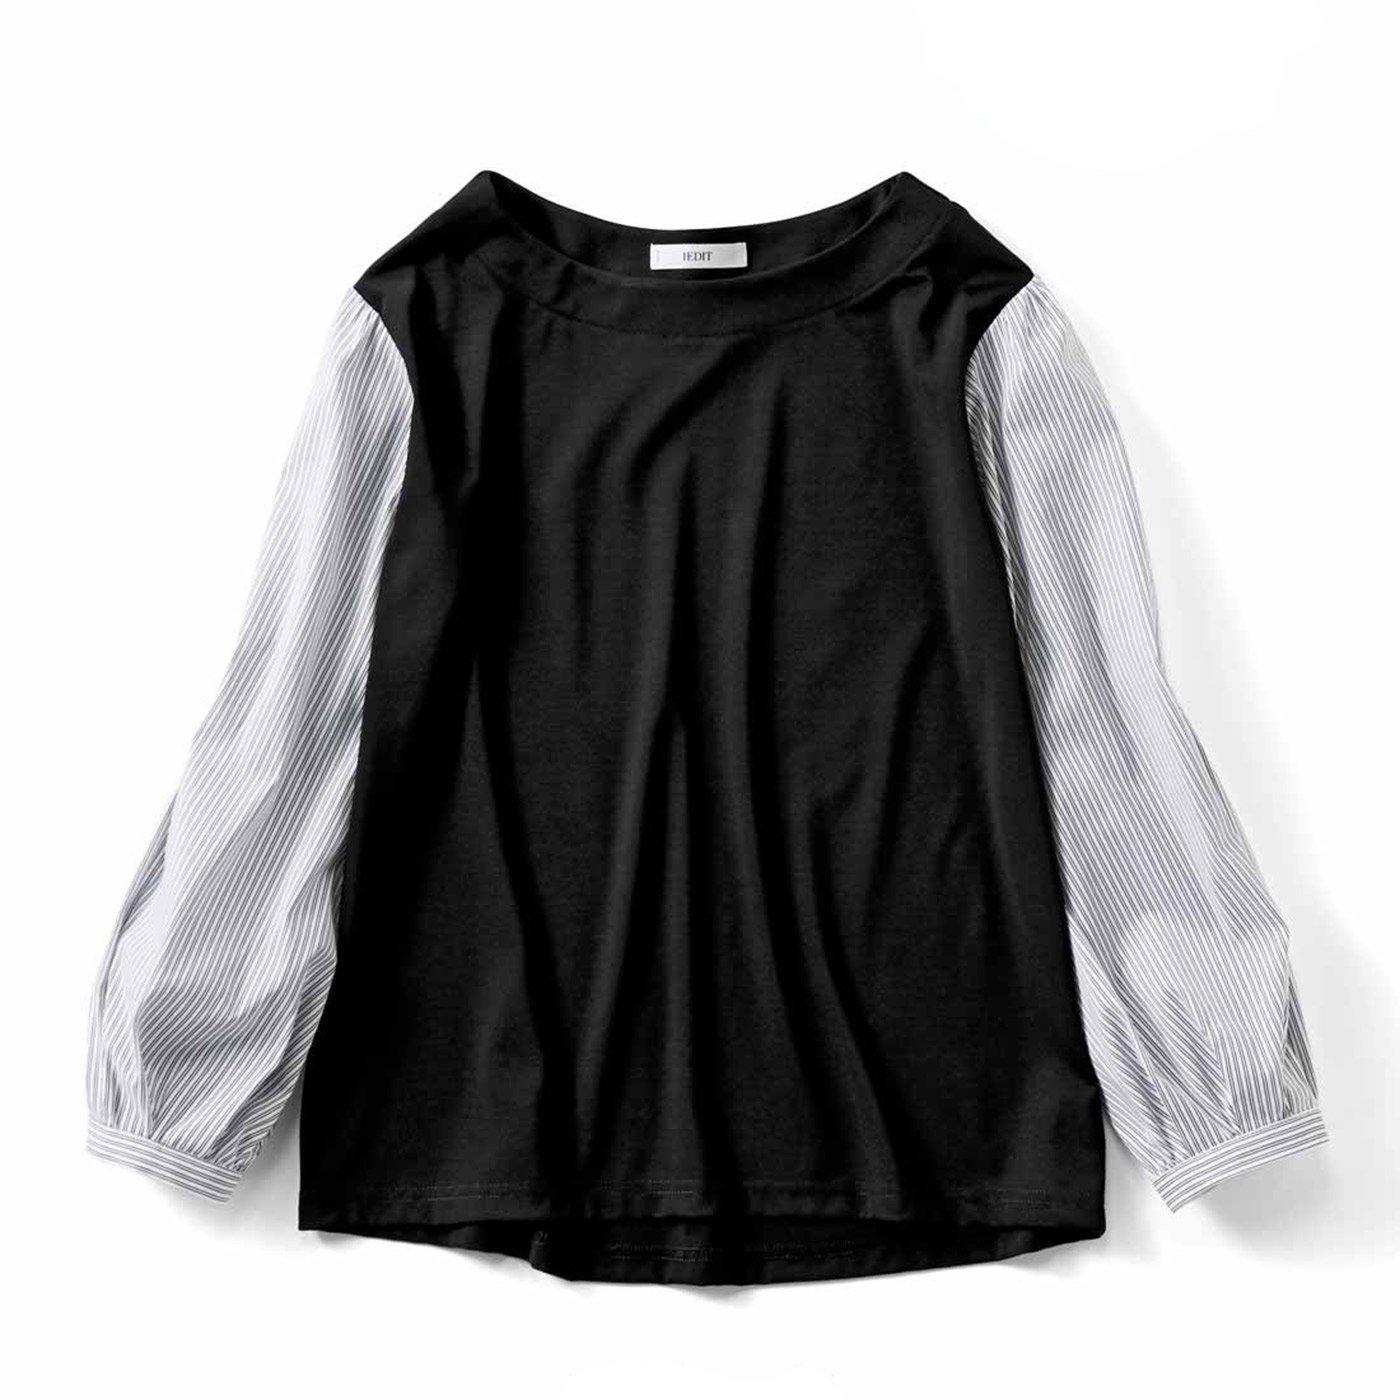 IEDIT[イディット] Tシャツ以上ブラウス未満のドッキングトップス〈ブラック〉